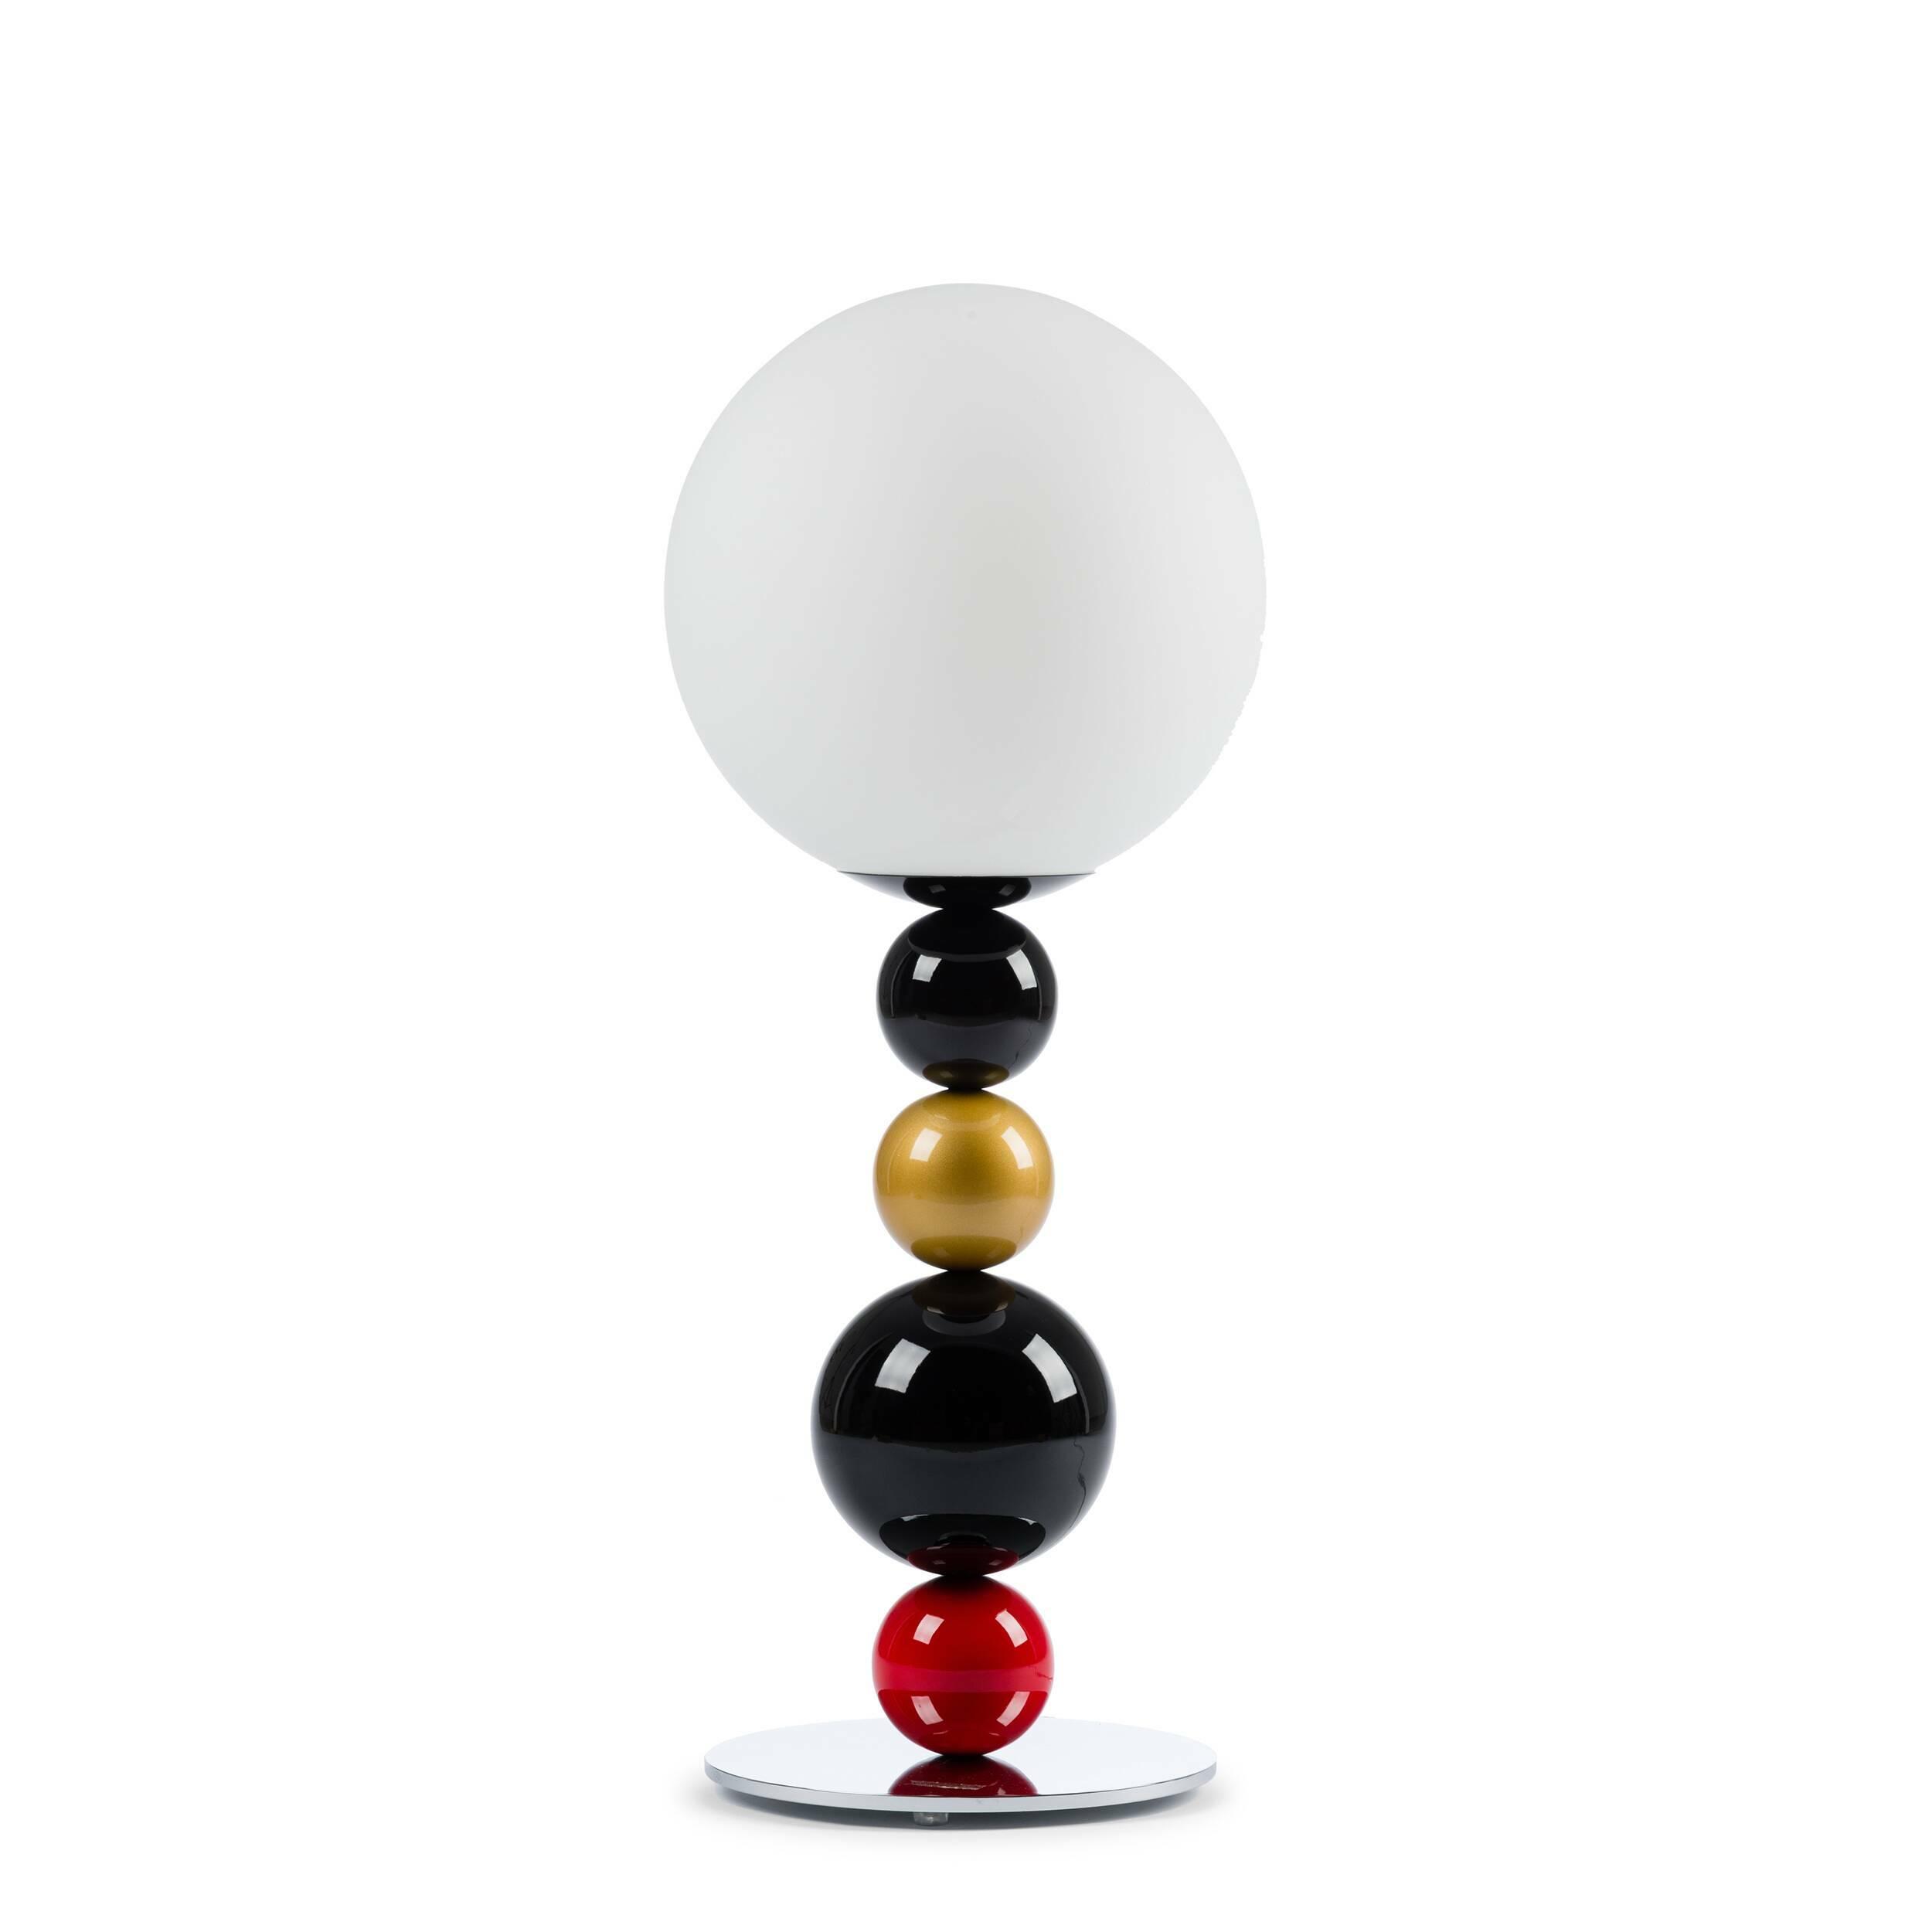 Настольный светильник RGBНастольные<br>Настольный светильник RGB — яркий и стильный вариант, который подойдет тем, кто любит в дизайне яркие и игривые мотивы. Если вы ищете что-то, что с легкостью разбавит ваш интерьер, то этот светильник как раз то, что вам нужно. Благодаря крупной круглой подножке светильник обладает высокой устойчивостью. Плафон лампы выполнен из матового стекла, что создает мягкий и рассеянный свет. При таком освещении очень приятно читать, а проводить спокойные вечера после трудного рабочего дня приятнее вдво...<br><br>stock: 3<br>Высота: 75<br>Диаметр: 30<br>Количество ламп: 1<br>Материал абажура: Стекло<br>Материал арматуры: Металл<br>Ламп в комплекте: Нет<br>Напряжение: 220<br>Тип лампы/цоколь: E14<br>Цвет абажура: Белый<br>Цвет арматуры: Разноцветный